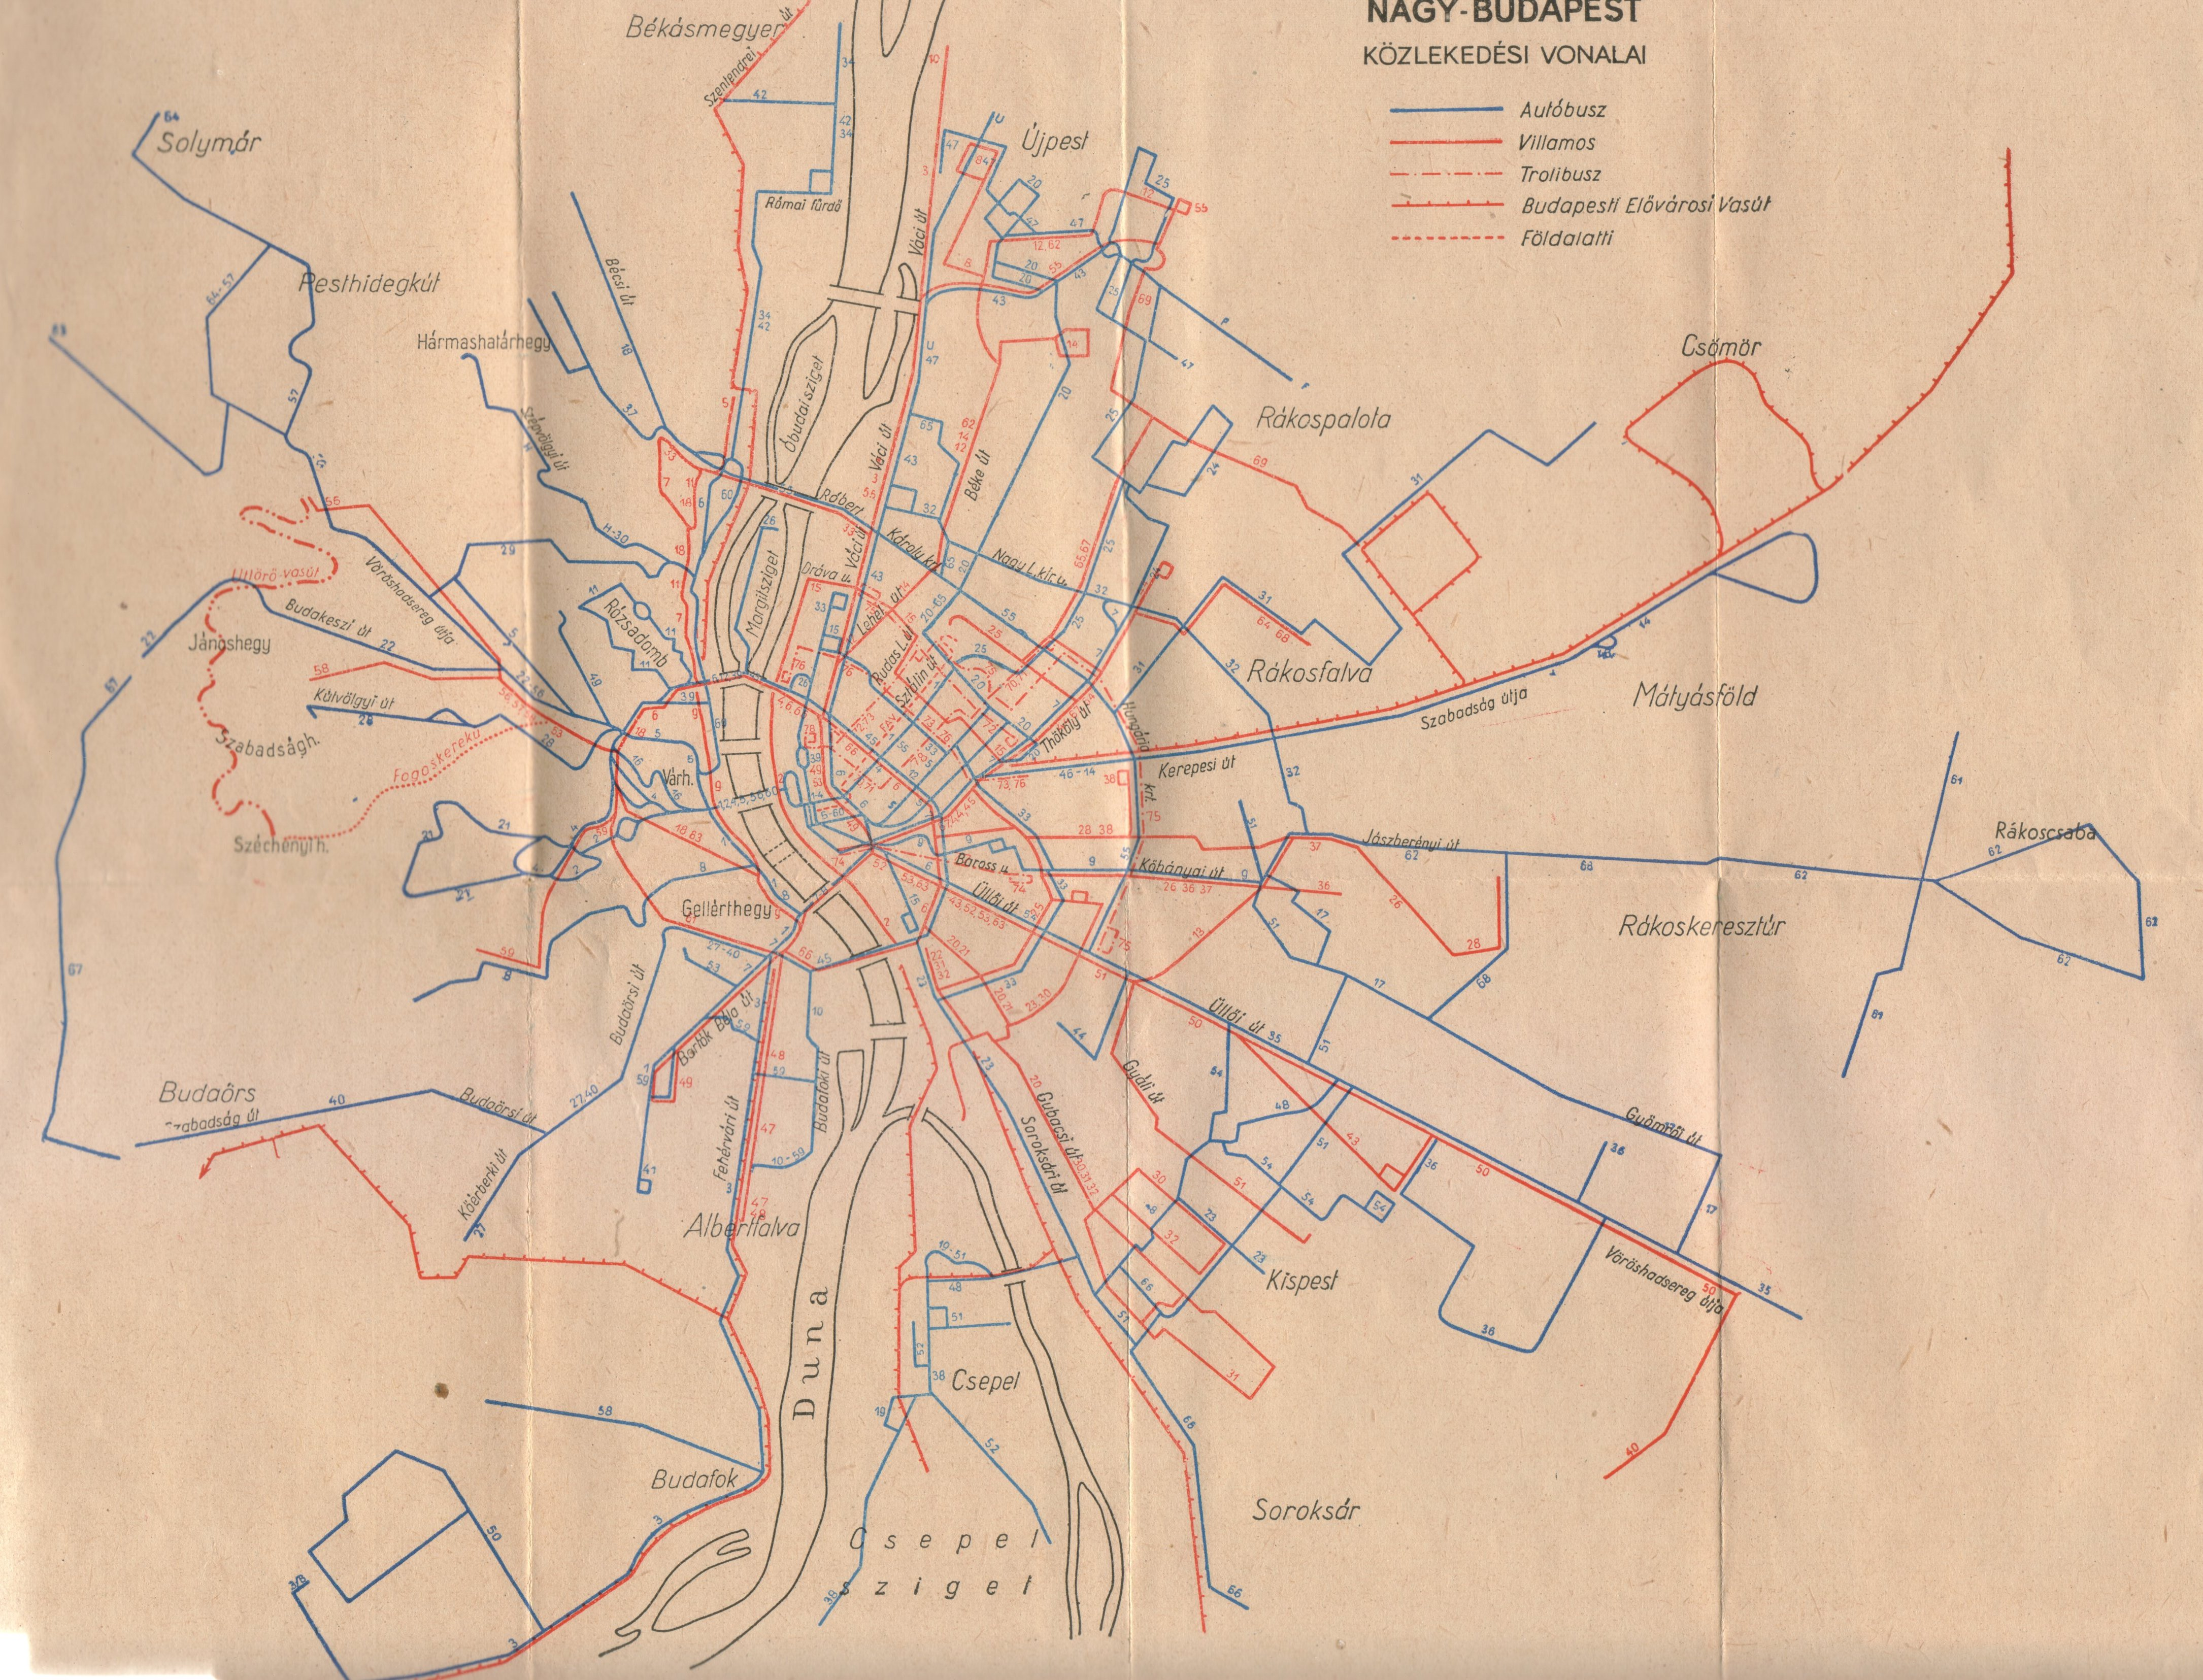 nagy budapest térkép Villamosok.Hu   Nagy Budapest közlekedési vonalai 1956. nagy budapest térkép